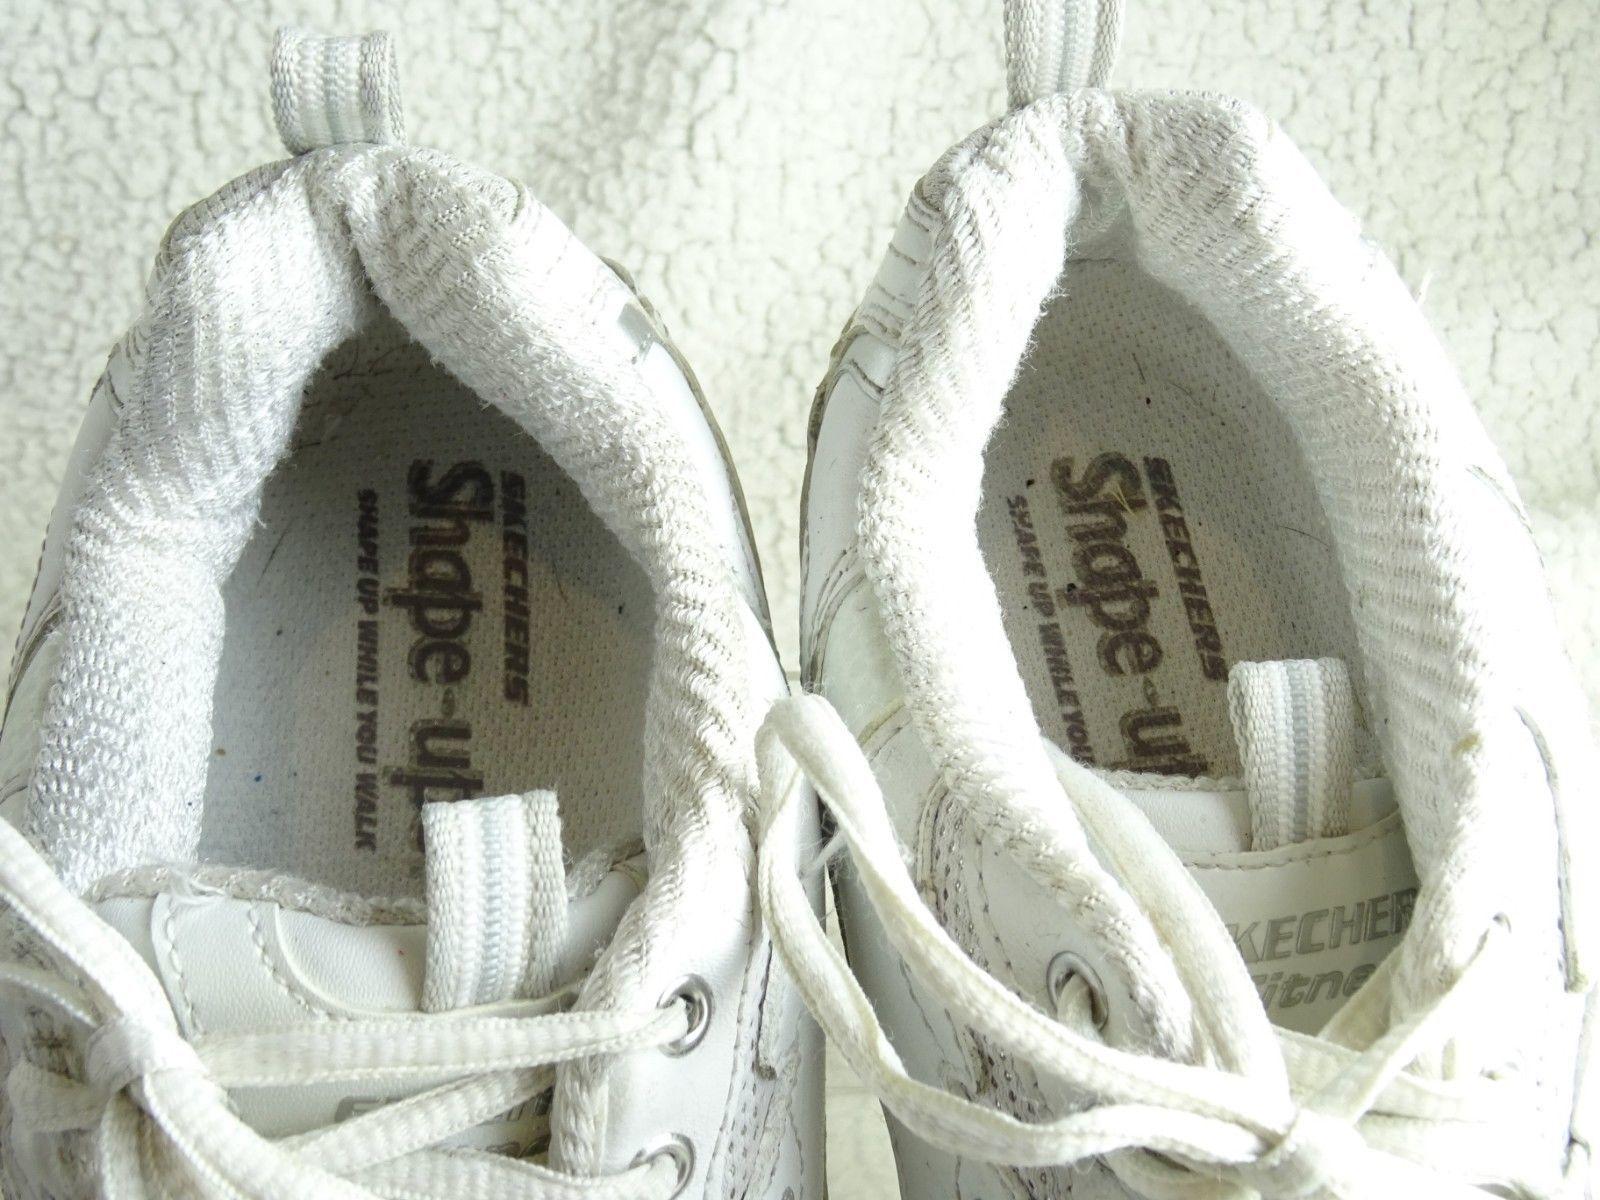 Skechers Shape Ups Women US 8 11803 Sneakers Walking Shoes